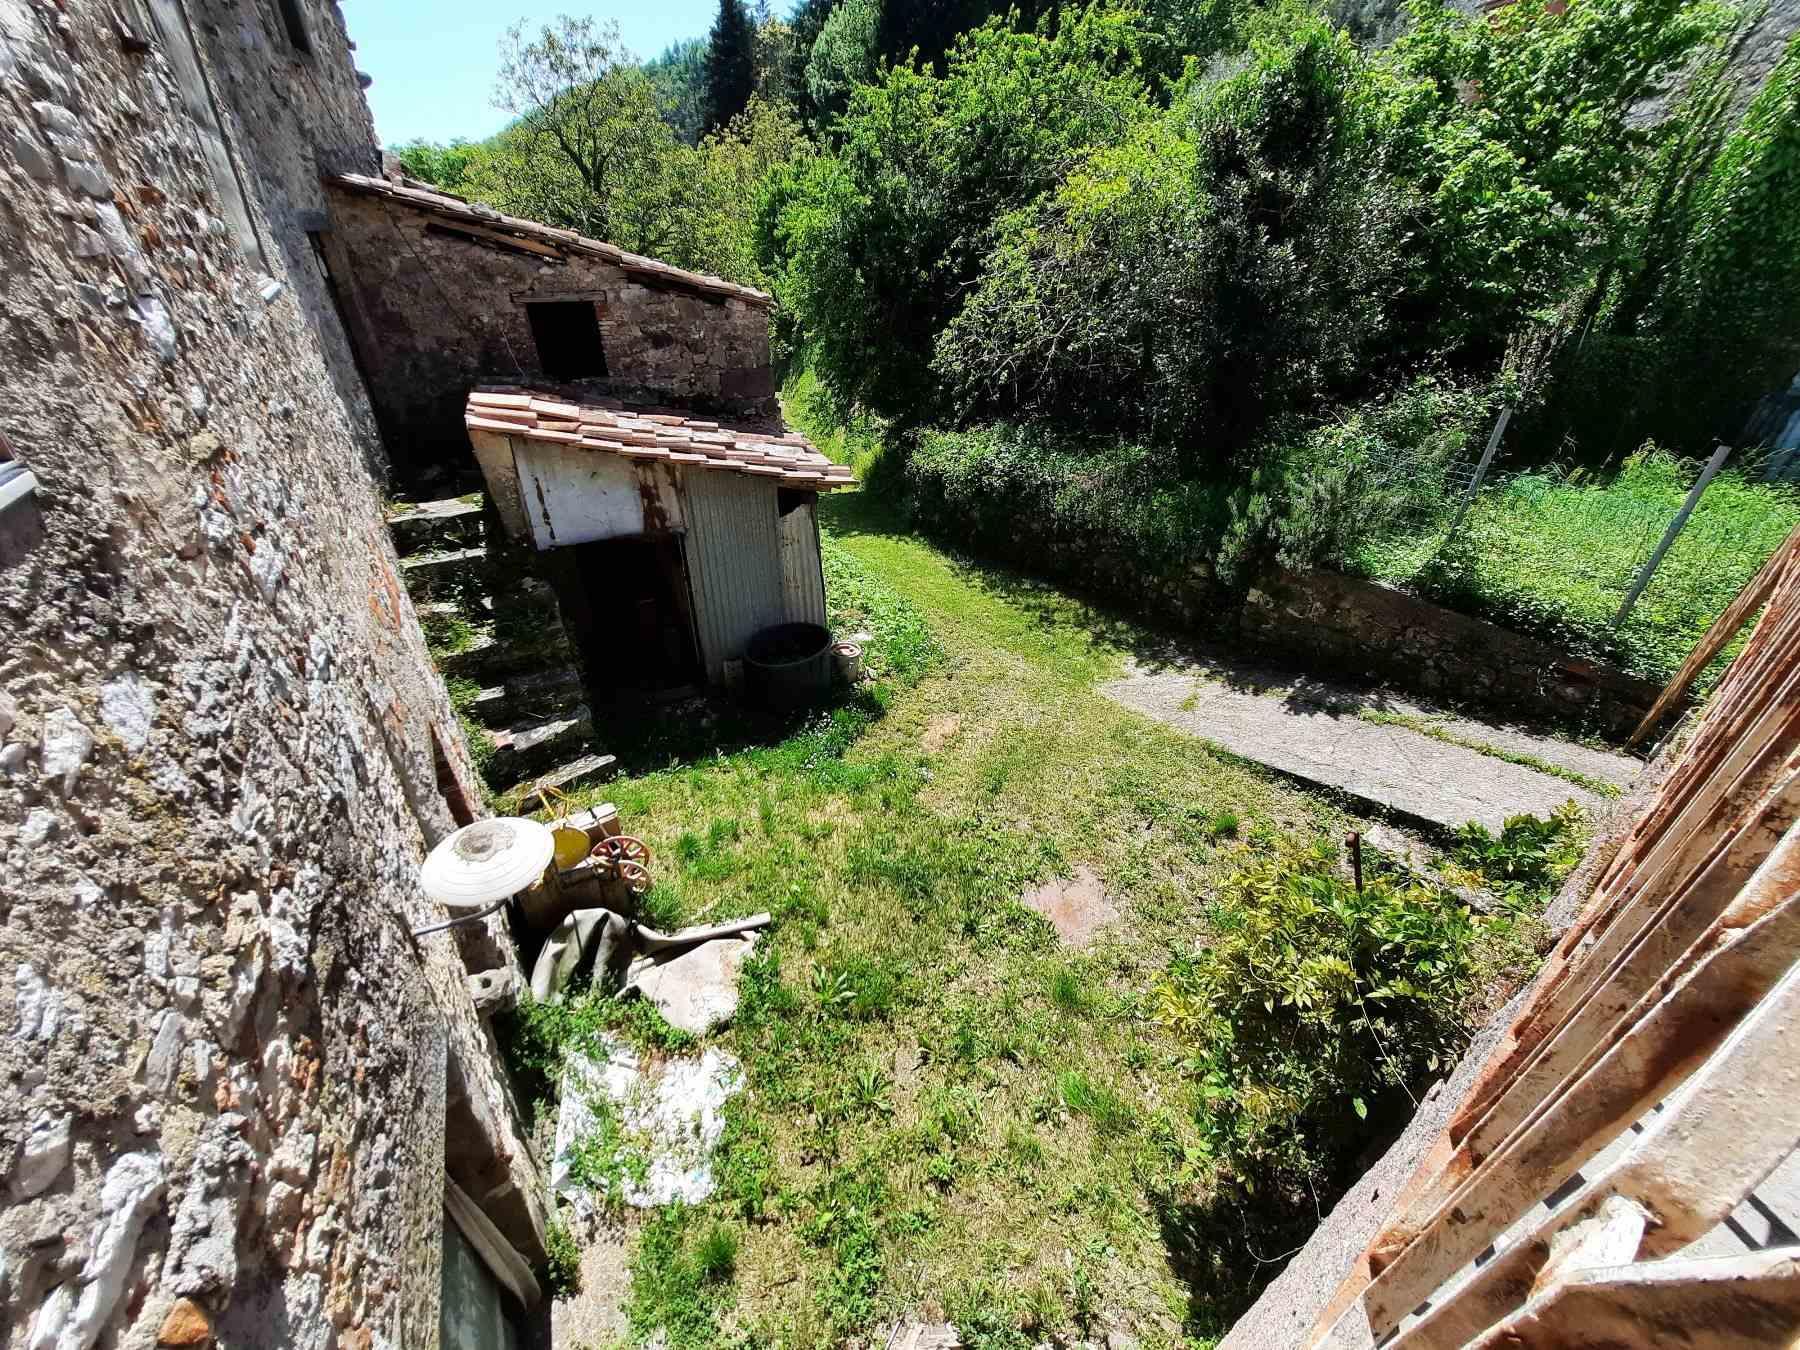 Il cortile esterno - The external courtyard